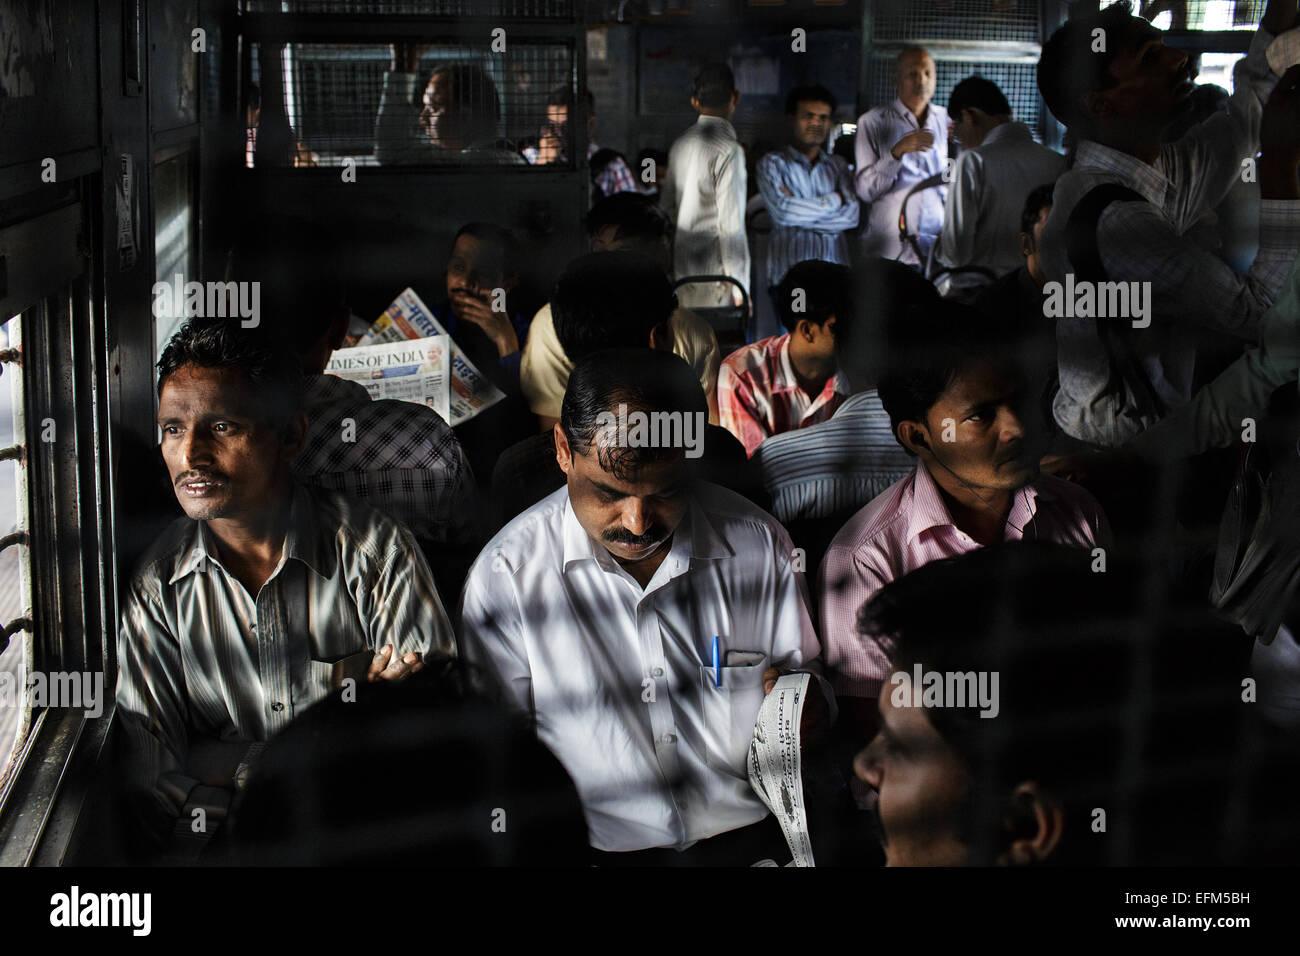 Les navetteurs sur un train de banlieue de Mumbai, Inde Banque D'Images